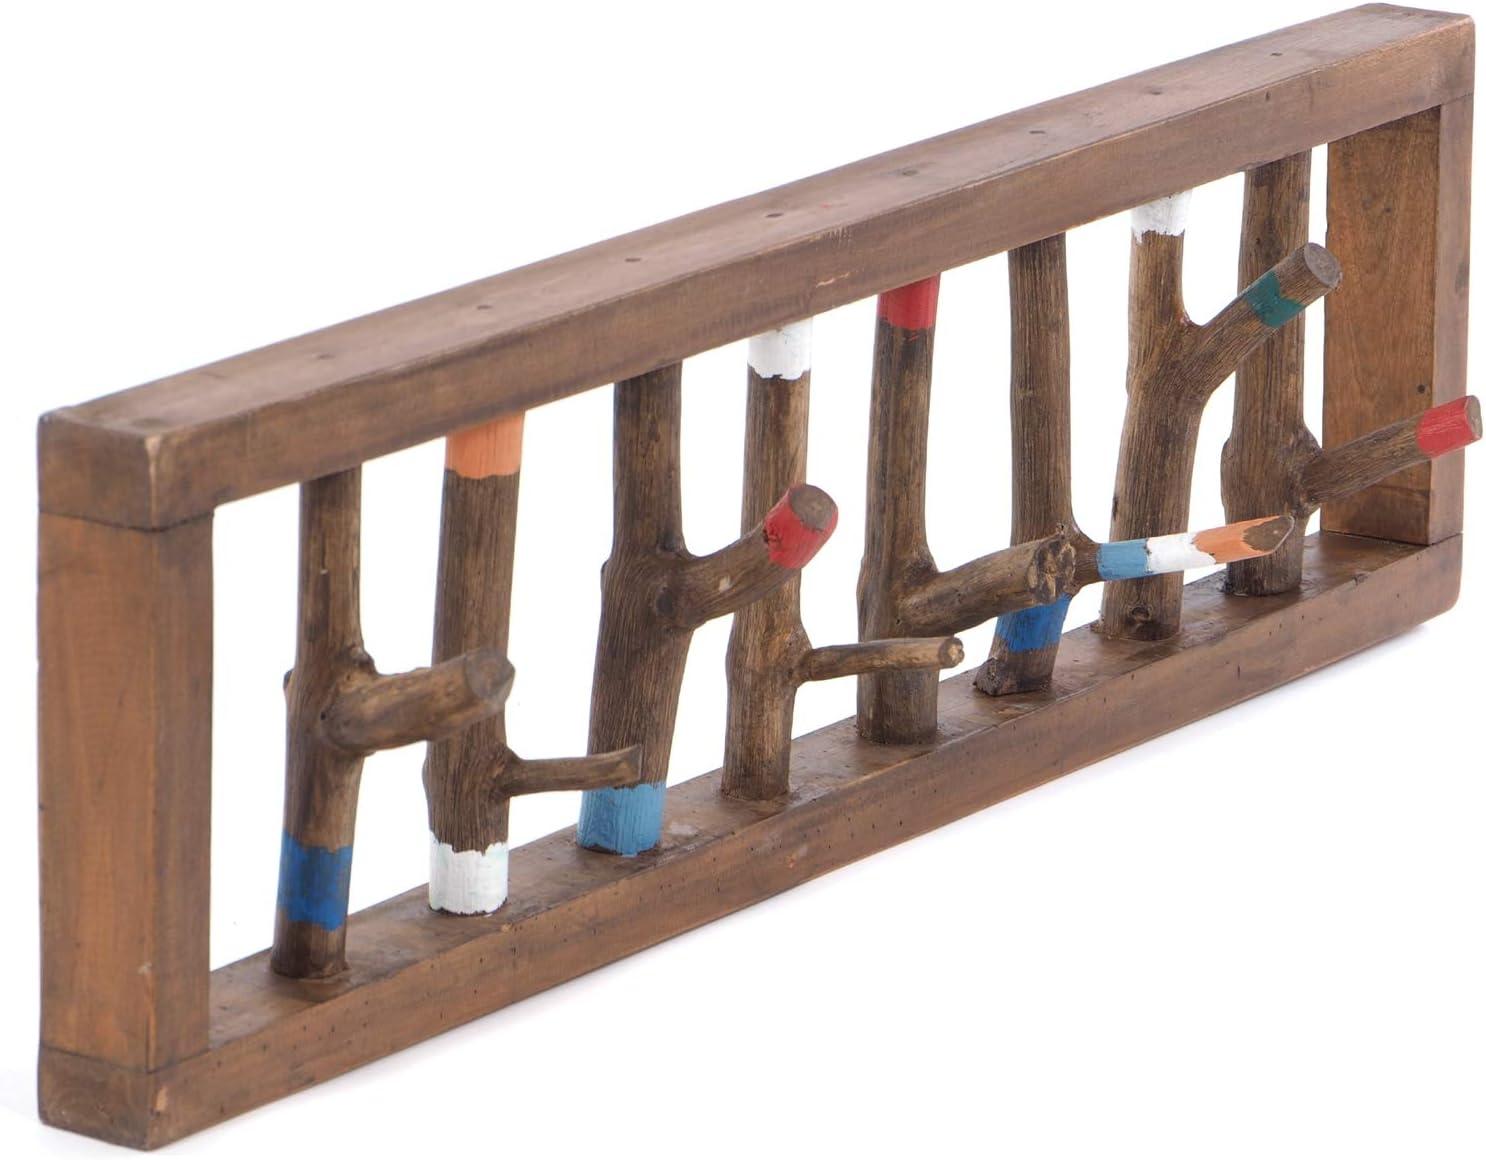 Treibholz Garderobe Bunt Holz